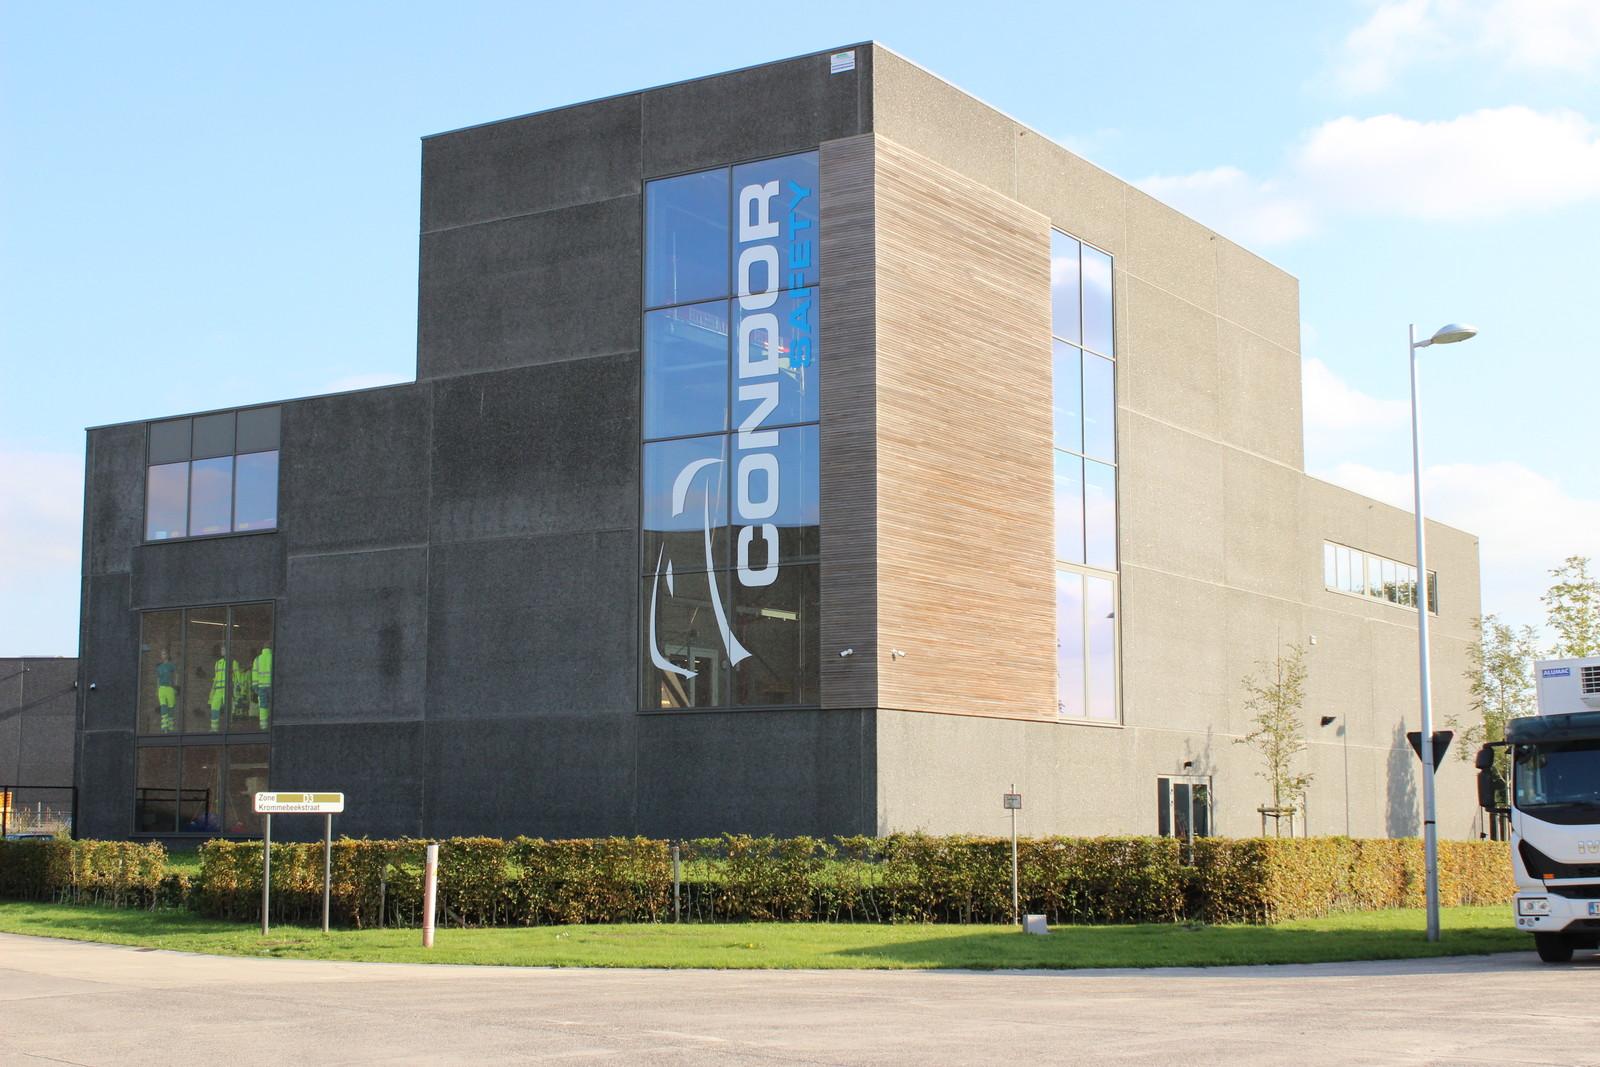 Industrial Building - Condor Safety